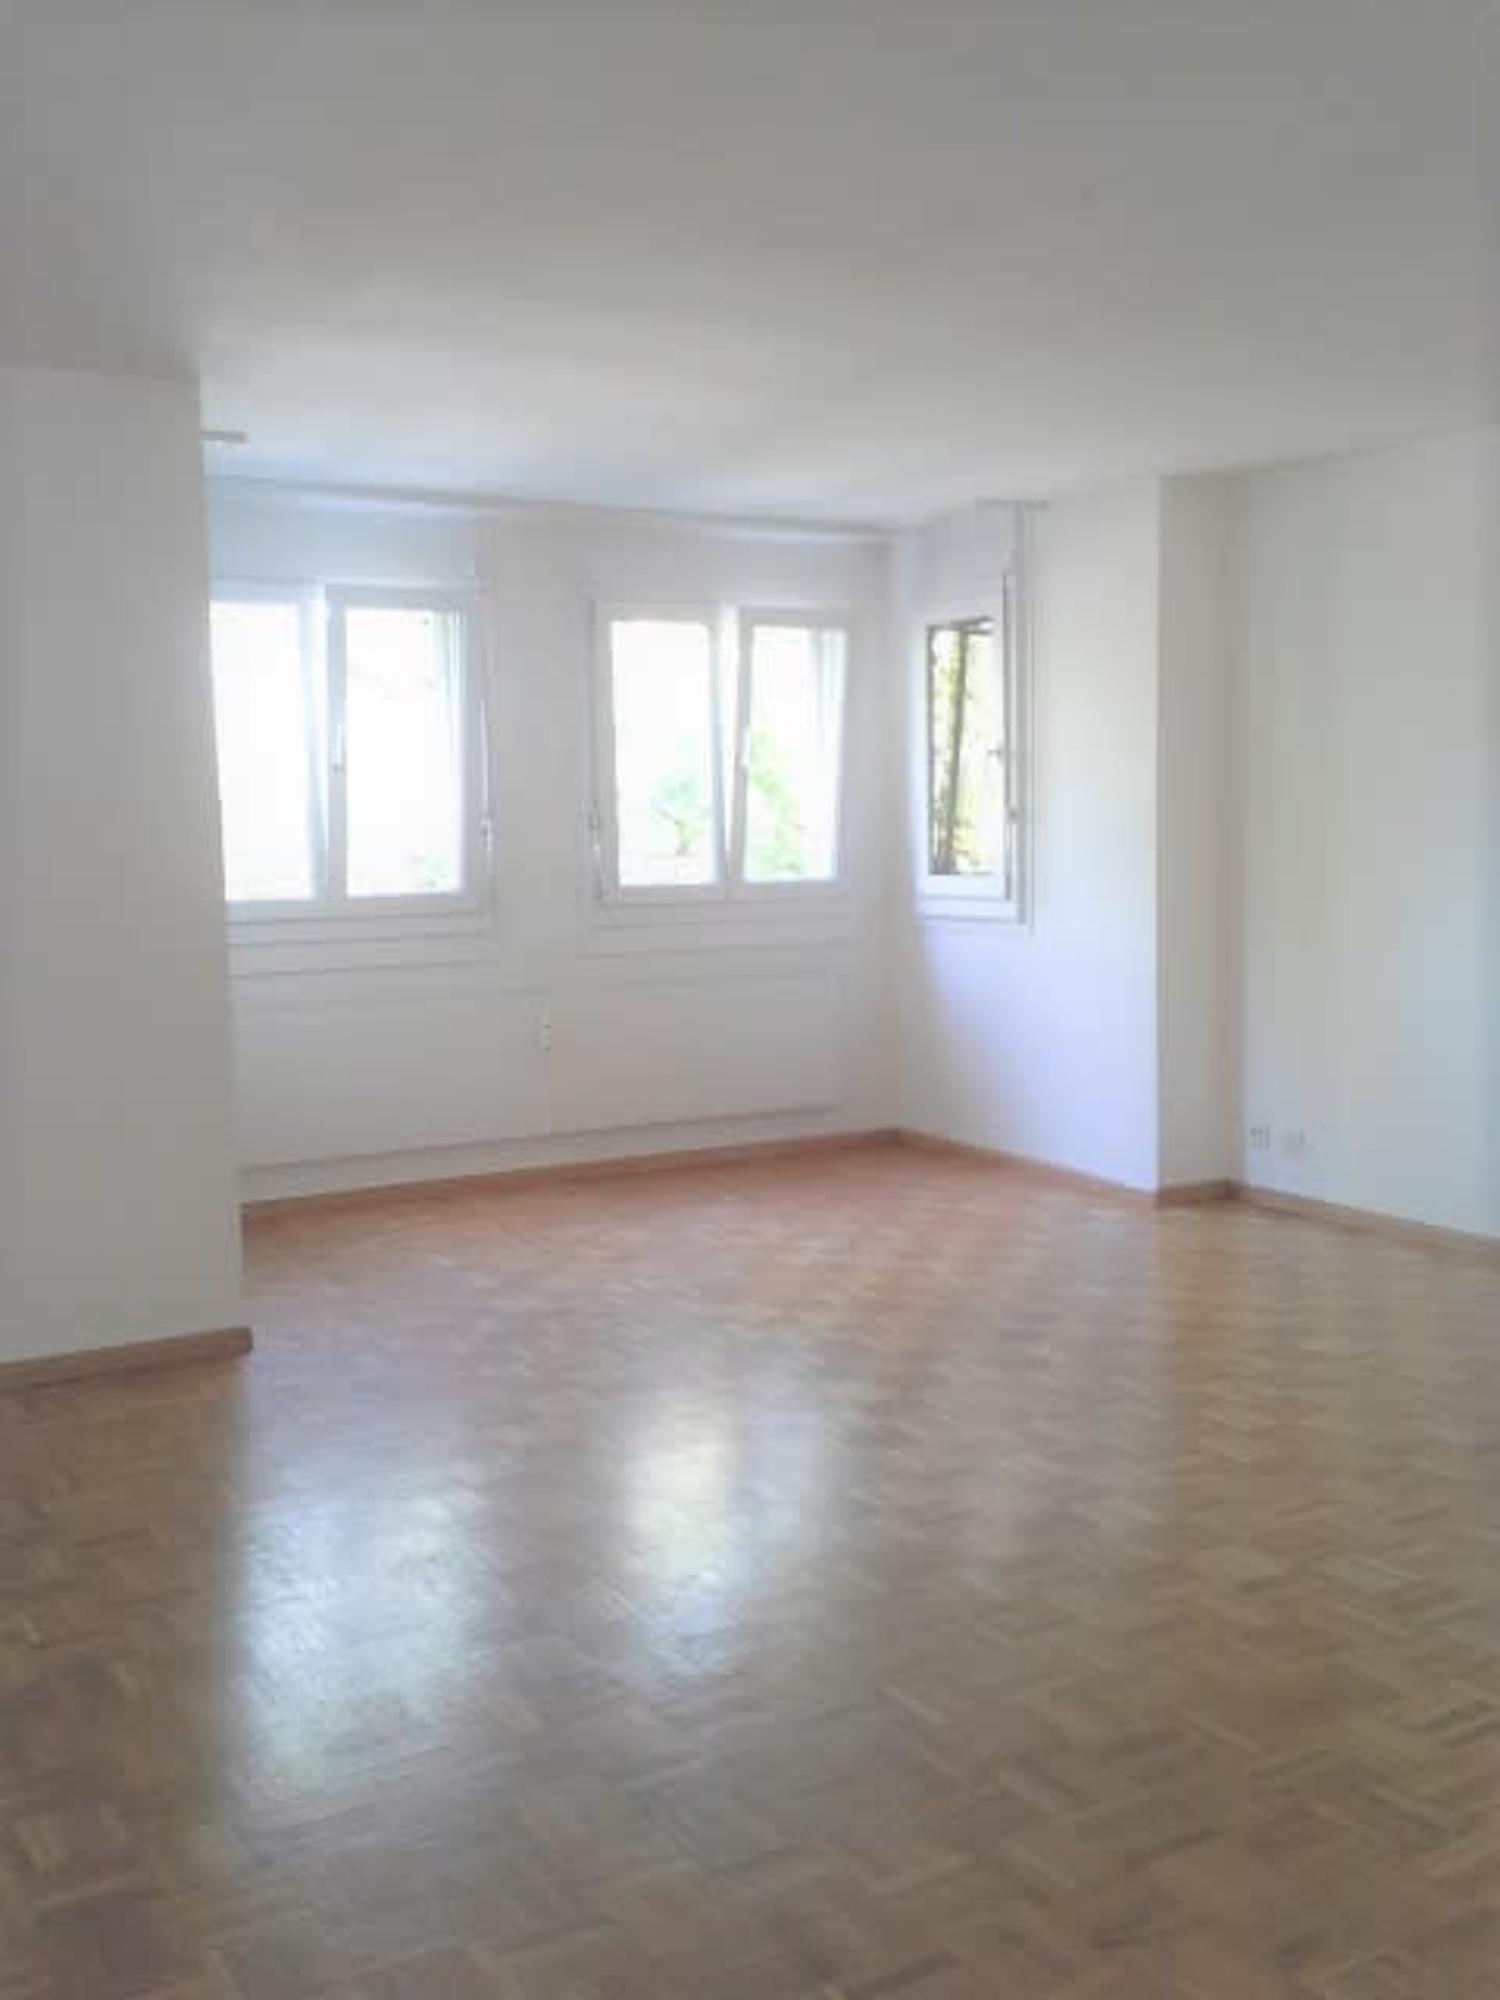 Mietwohnung mit Balkon, 72 m2